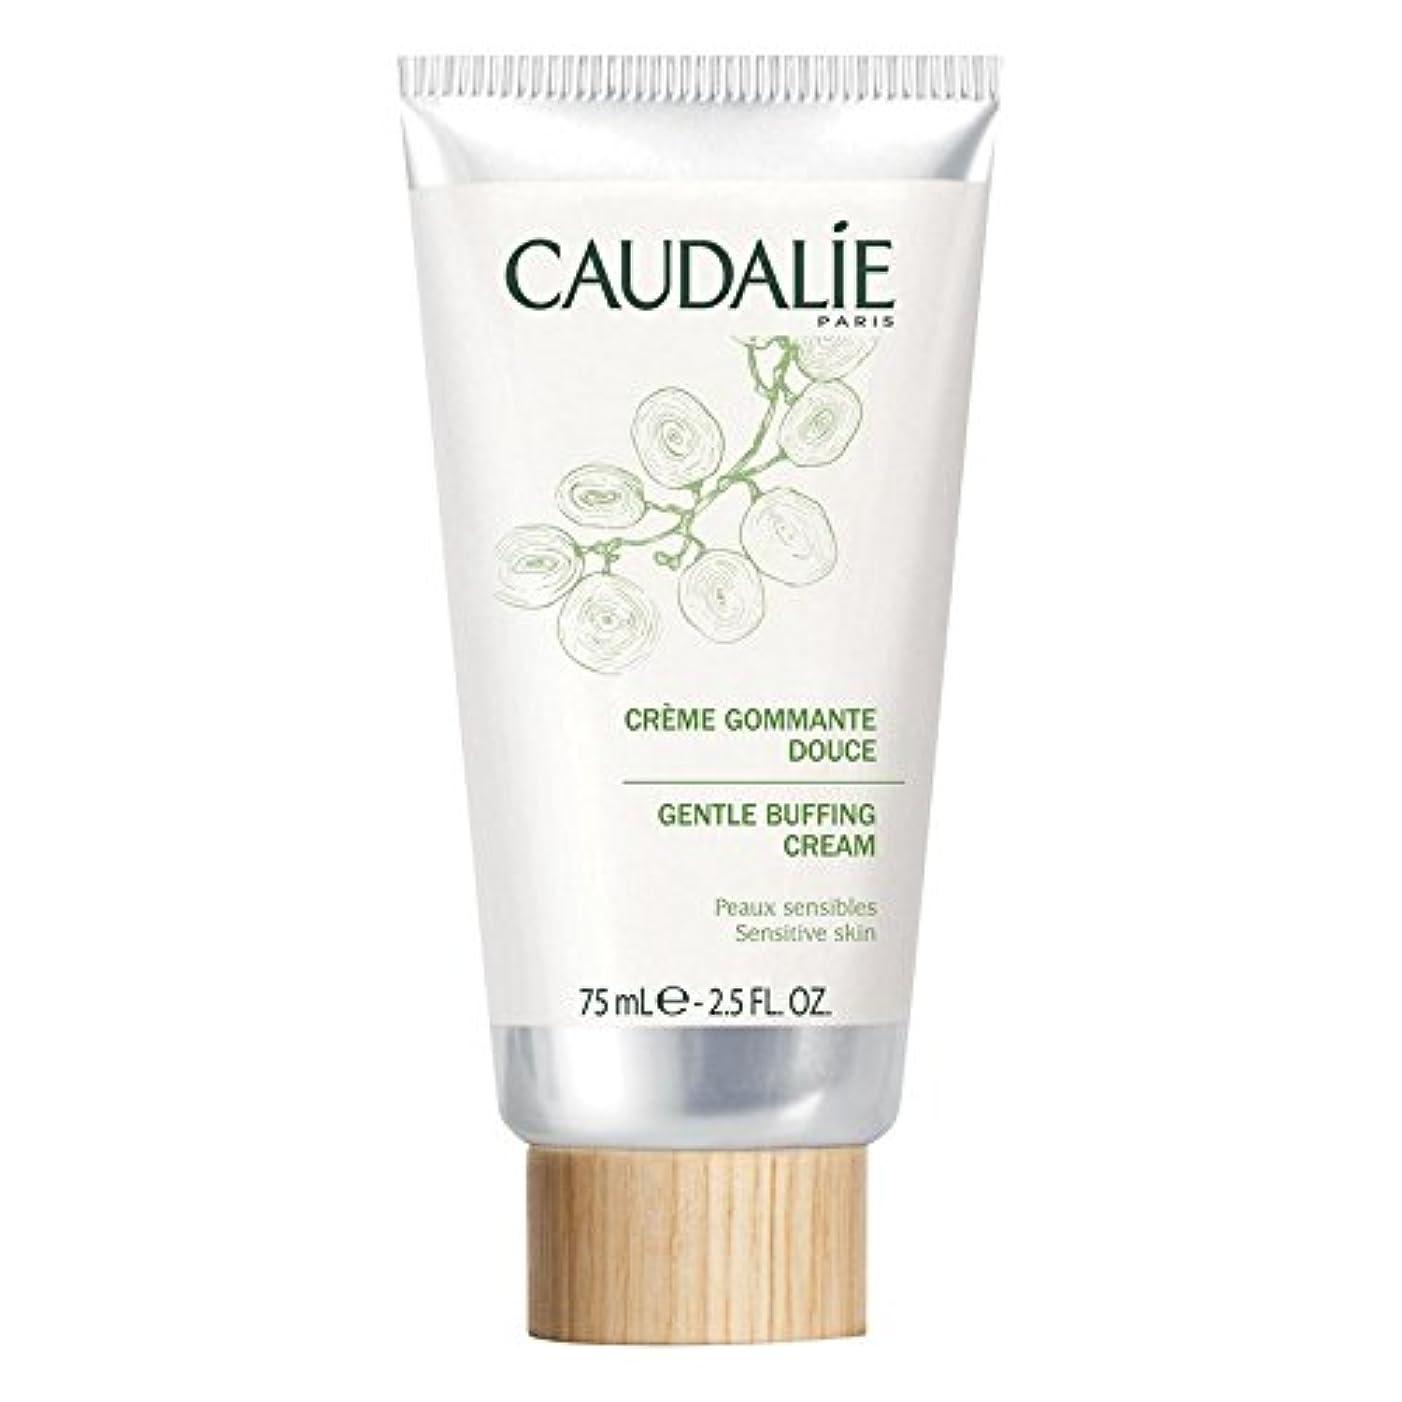 Caudalie Gentle Buffing Cream 75ml - コーダリー穏やかバフクリーム75ミリリットル [並行輸入品]